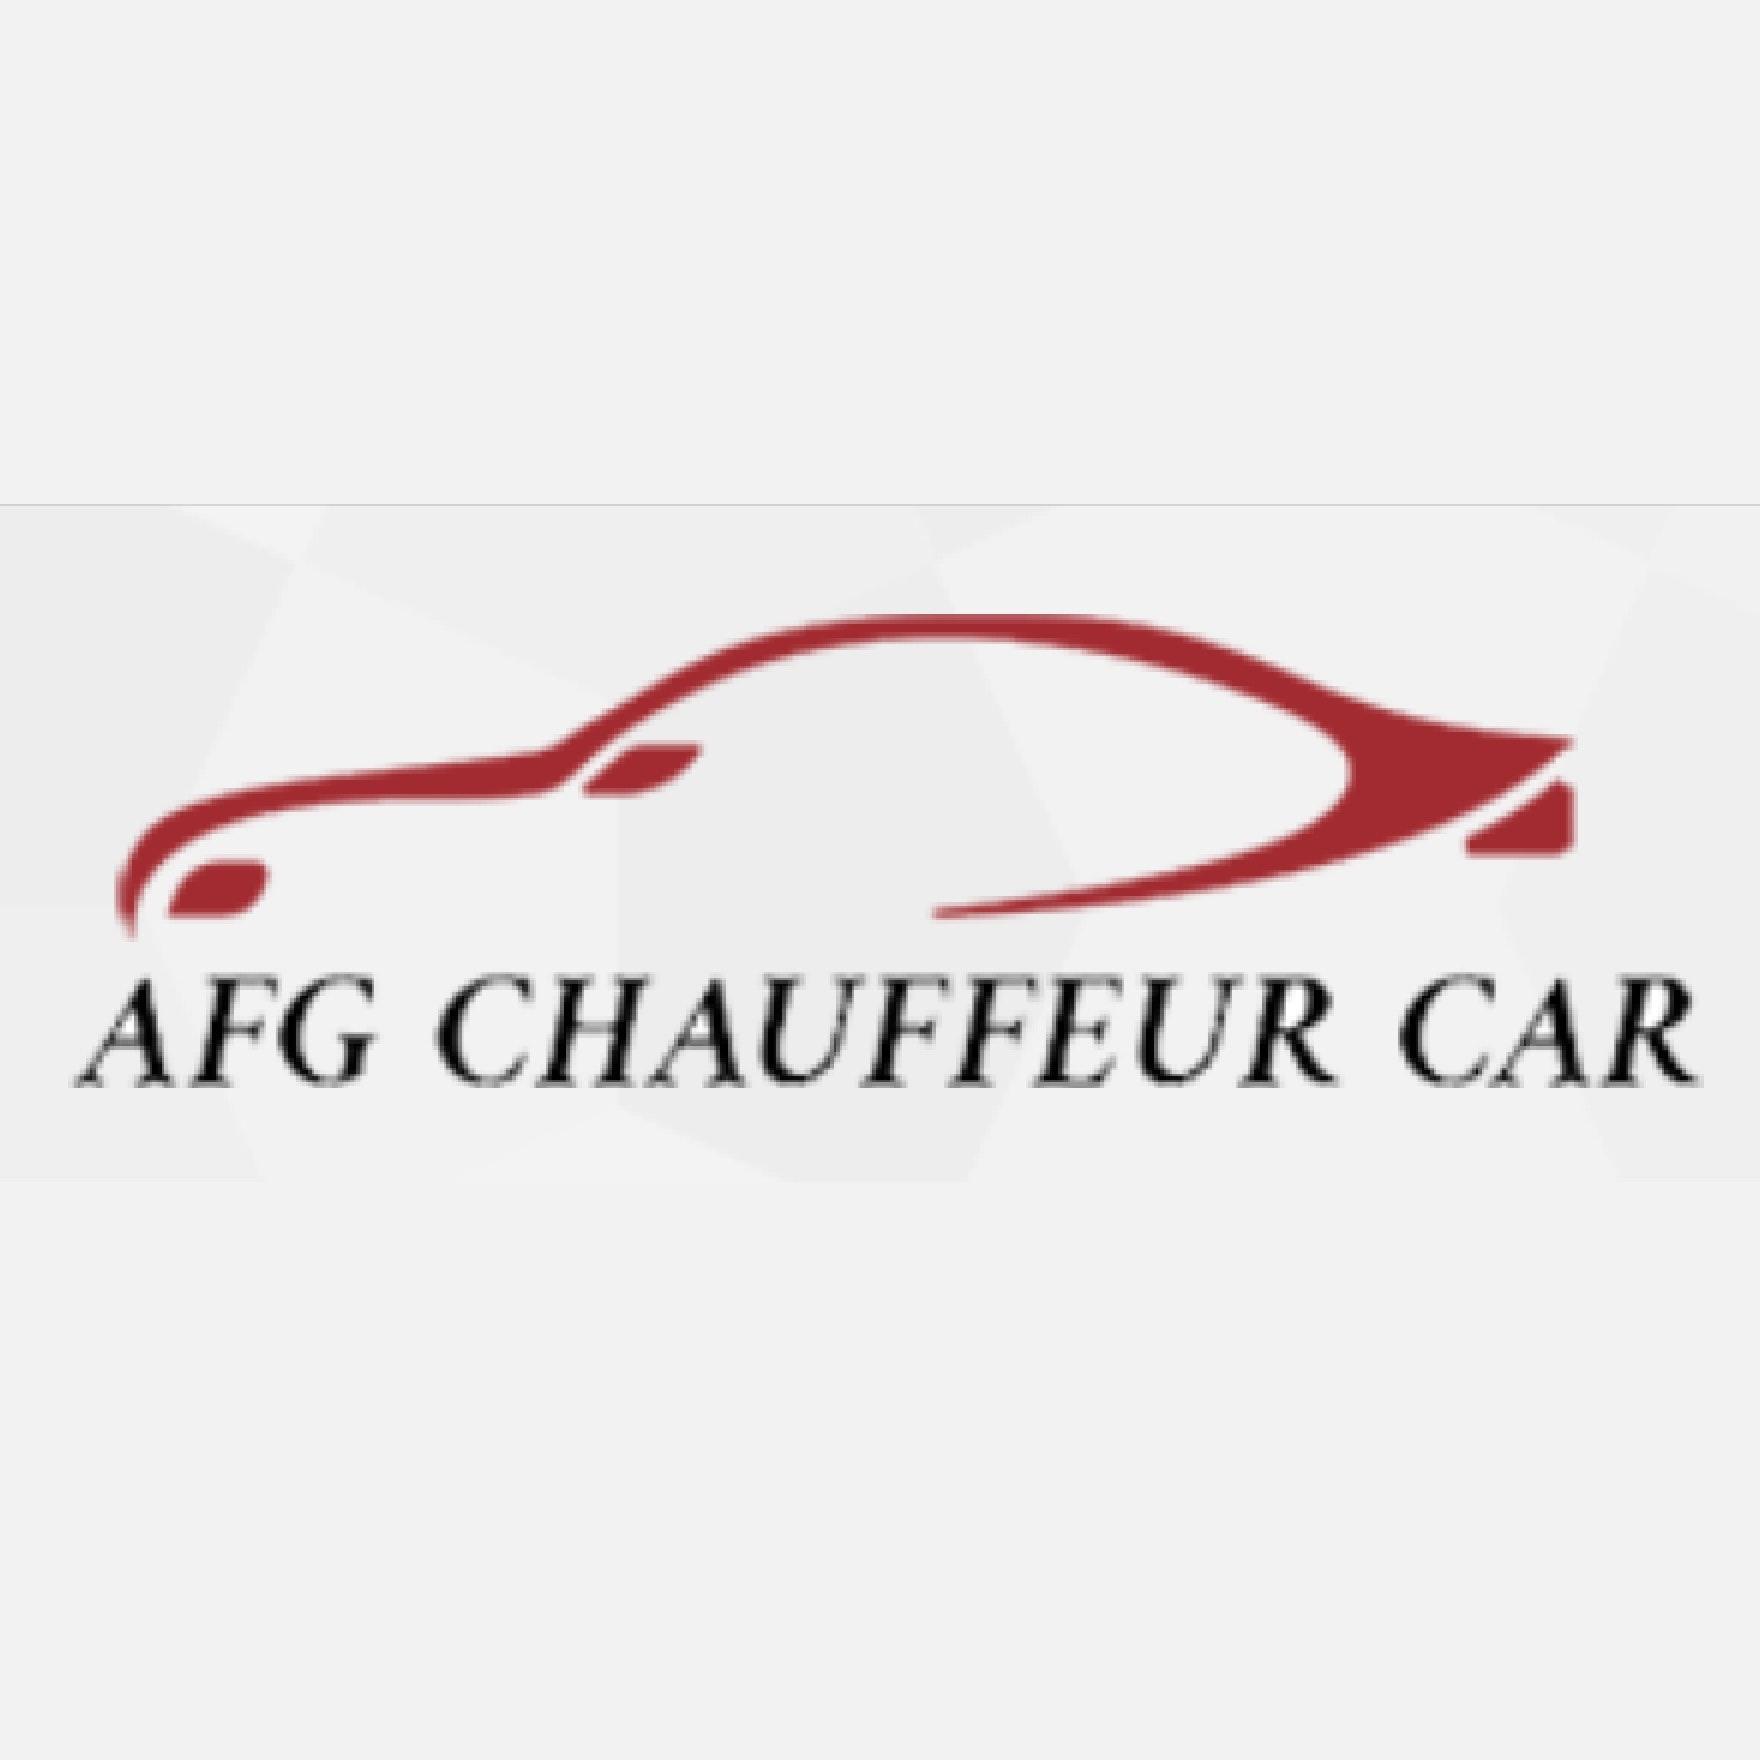 AFG CHAUFFEUR CAR